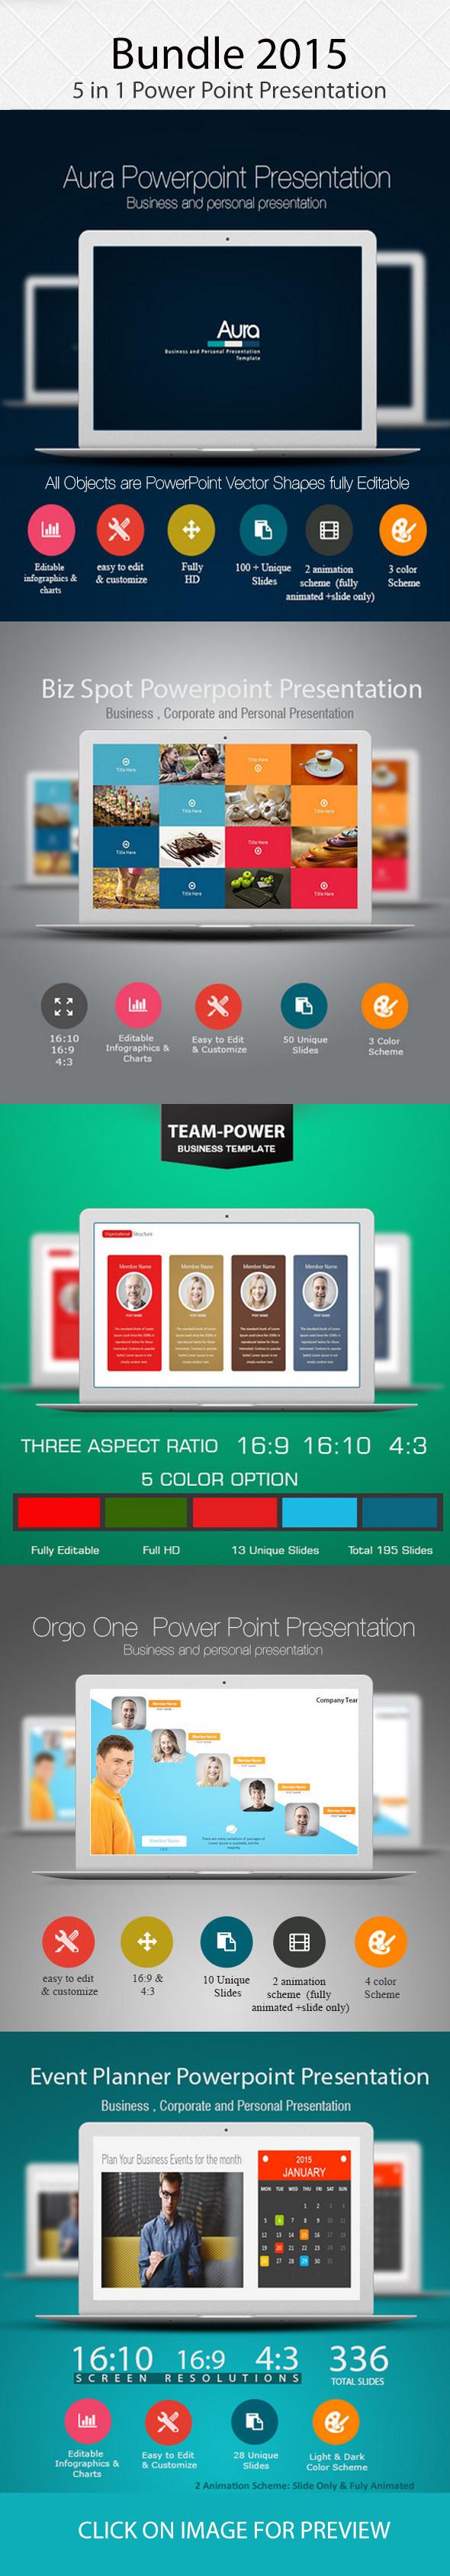 Bundle 2015, 5 in 1 Power Point Presentation - PowerPoint Templates Presentation Templates